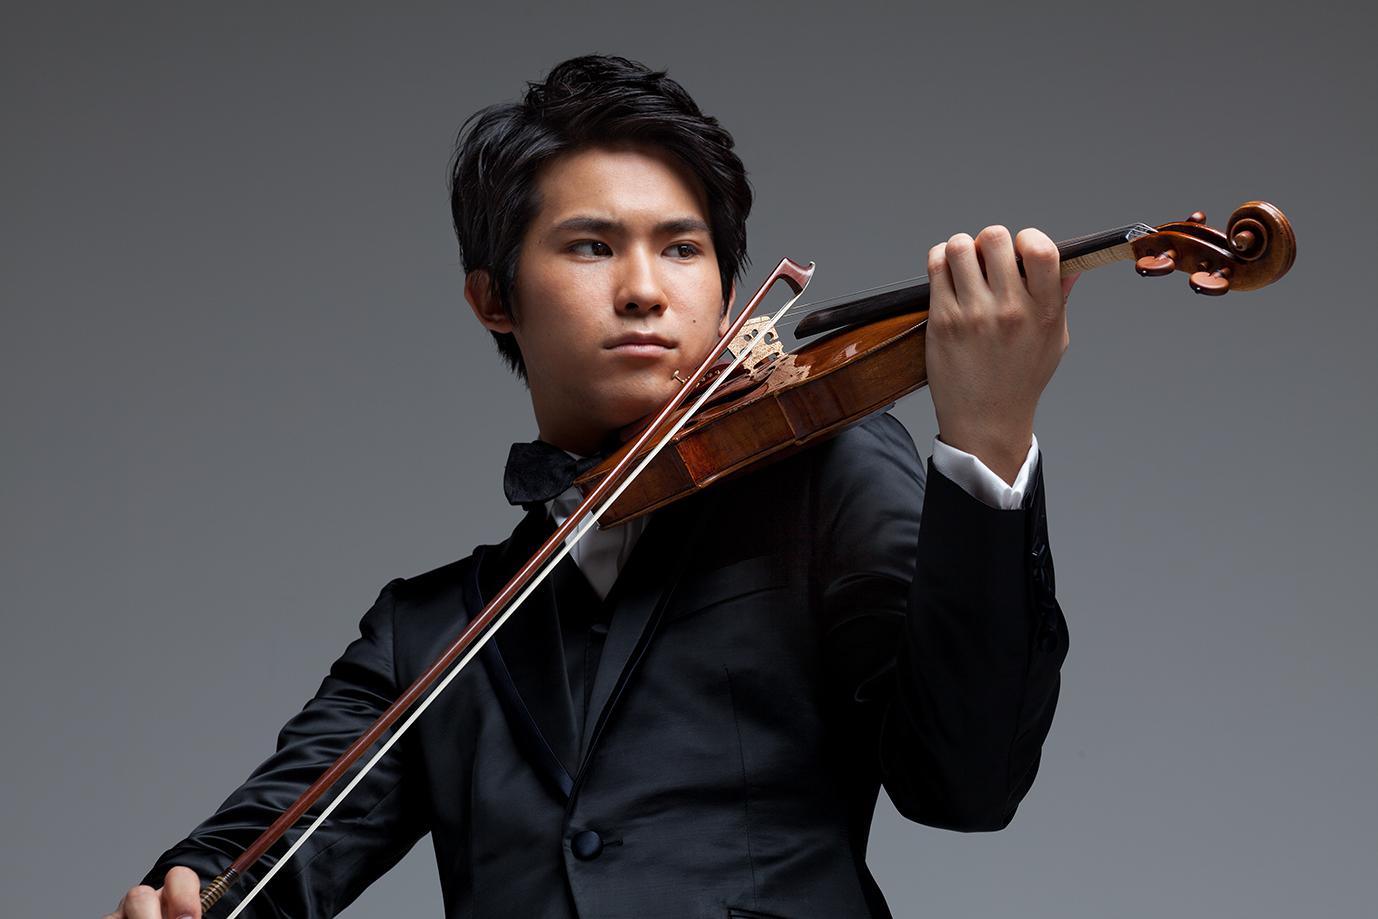 Fumiaki Miura2015-a(C)Yuji Hori-thumb-1378x919-2412-thumb-1378x919-3425.jpg